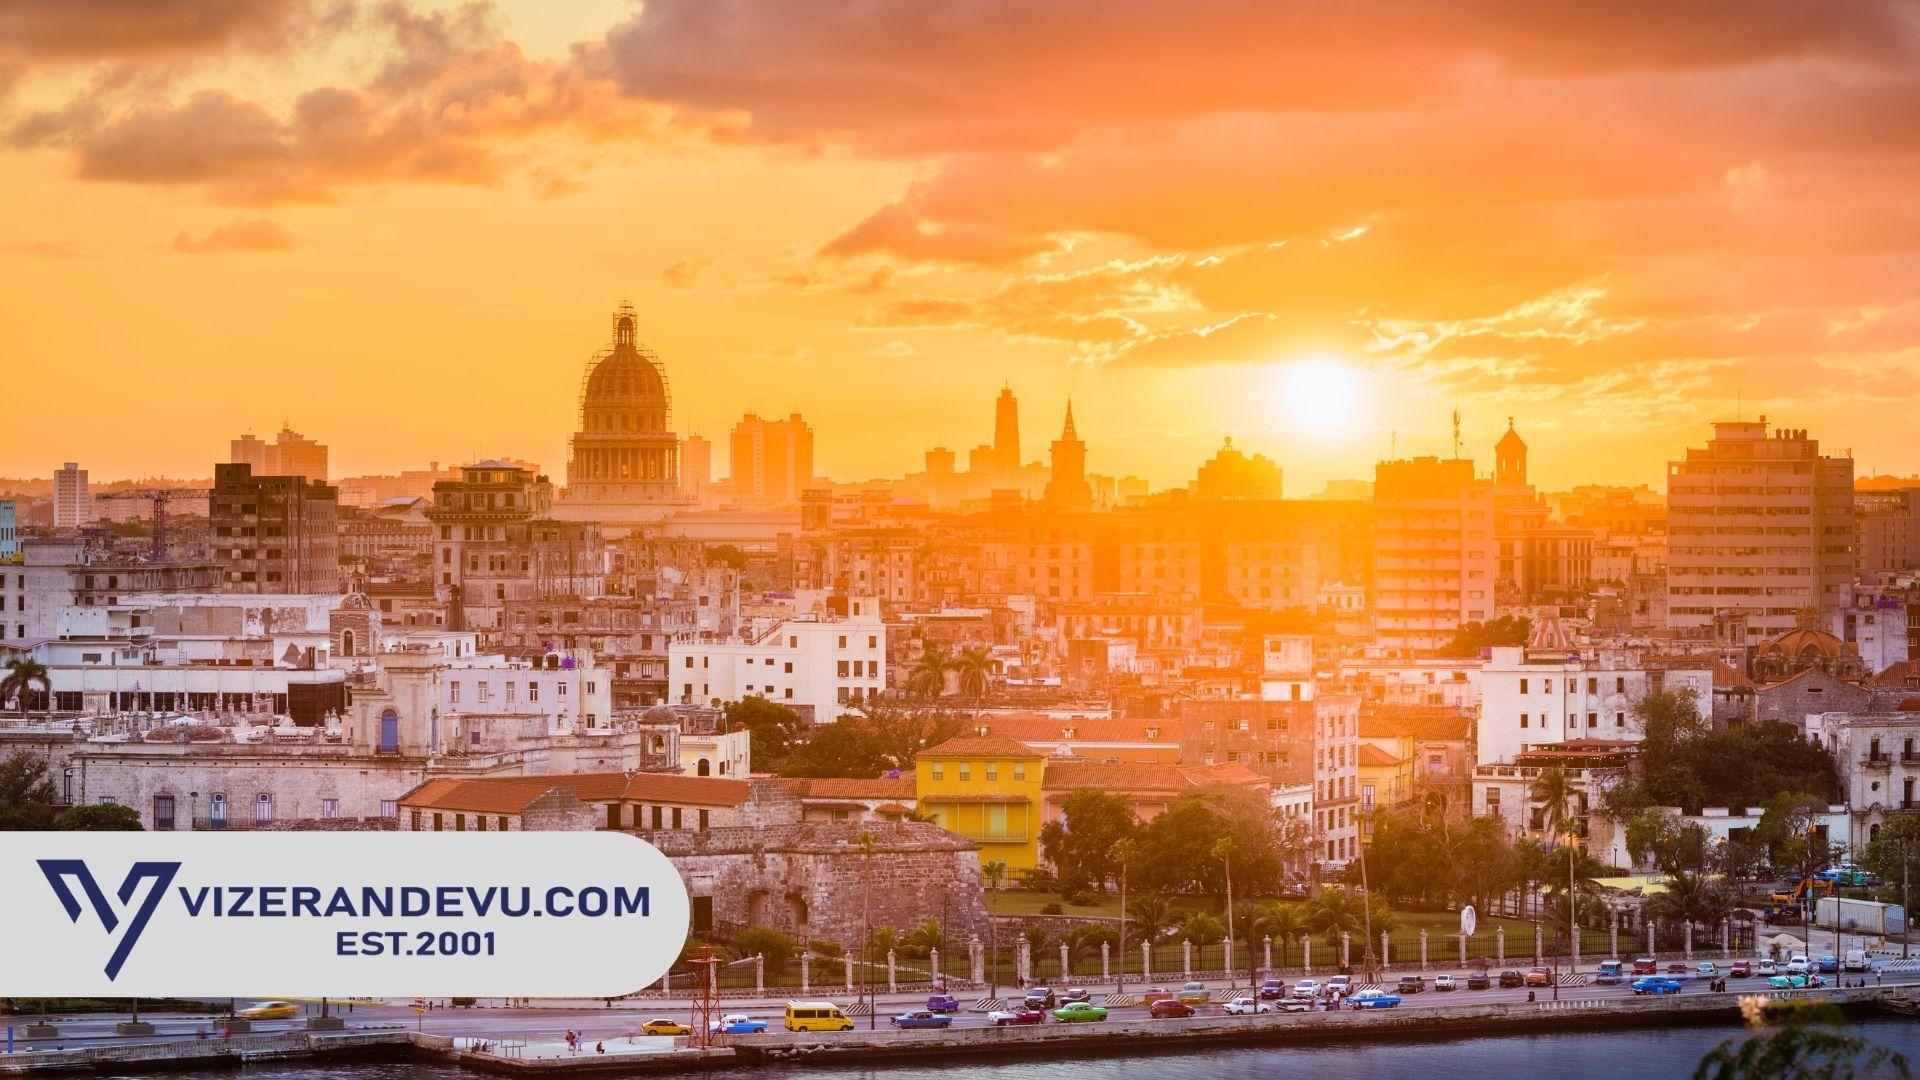 Küba Vizesine Nasıl Başvurulur?